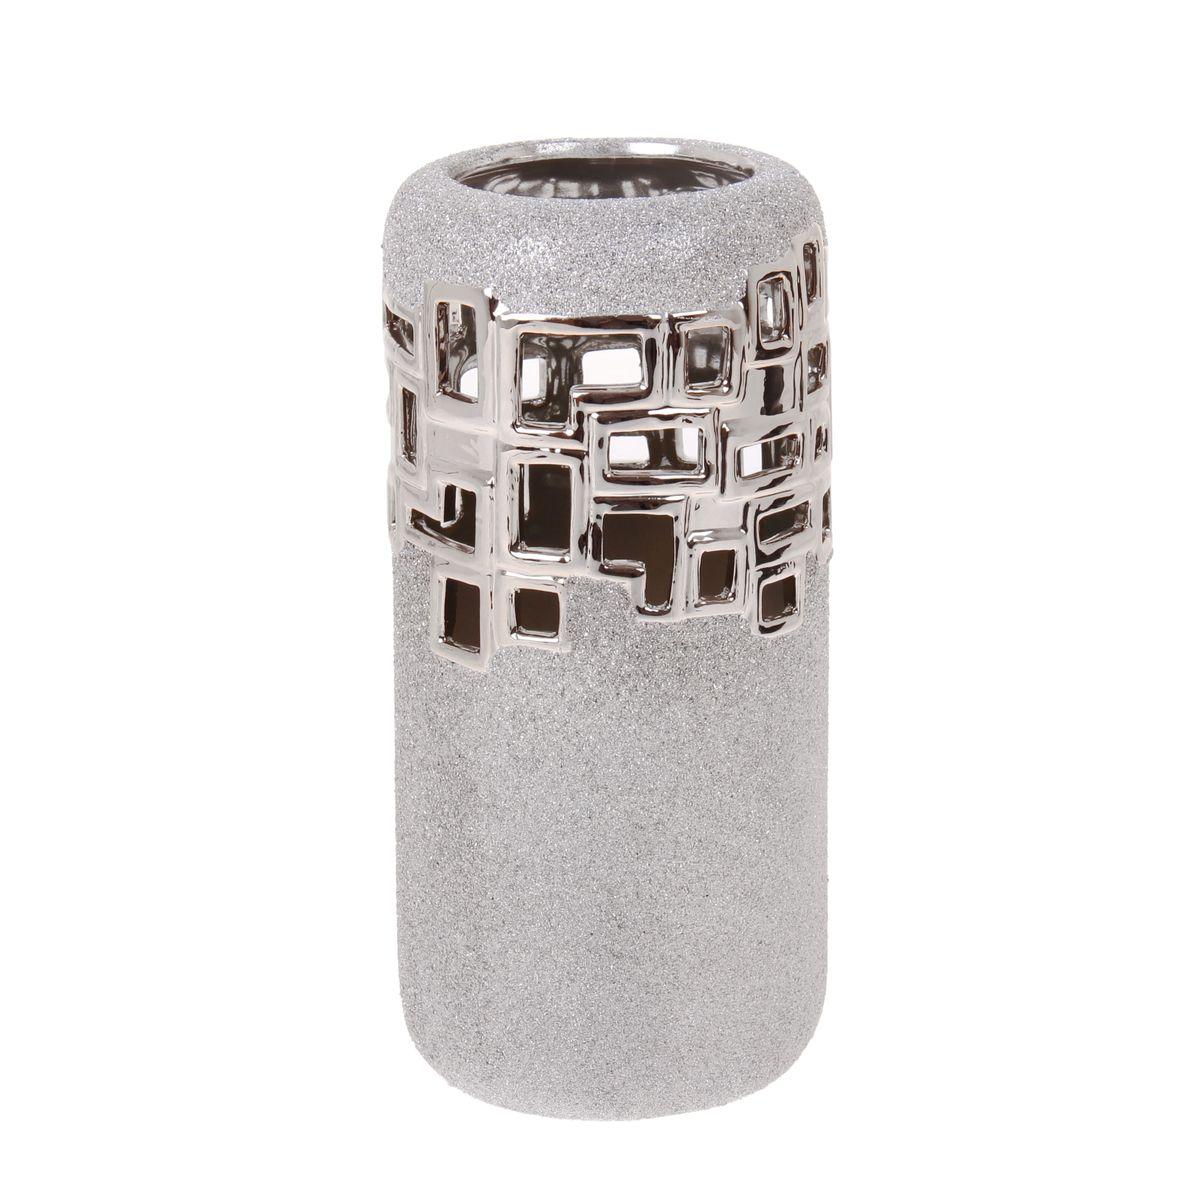 Ваза Sima-land Квадраты, высота 27 см865951Элегантная ваза Sima-land Квадраты, изготовленная из высококачественной керамики, декорирована блестками. Интересная форма и необычное оформление сделают эту вазу замечательным украшением интерьера. Она предназначена как для живых, так и для искусственных цветов. Основание оснащено противоскользящими накладками.Любое помещение выглядит незавершенным без правильно расположенных предметовинтерьера. Они помогают создать уют, расставить акценты, подчеркнуть достоинства или скрытьнедостатки.